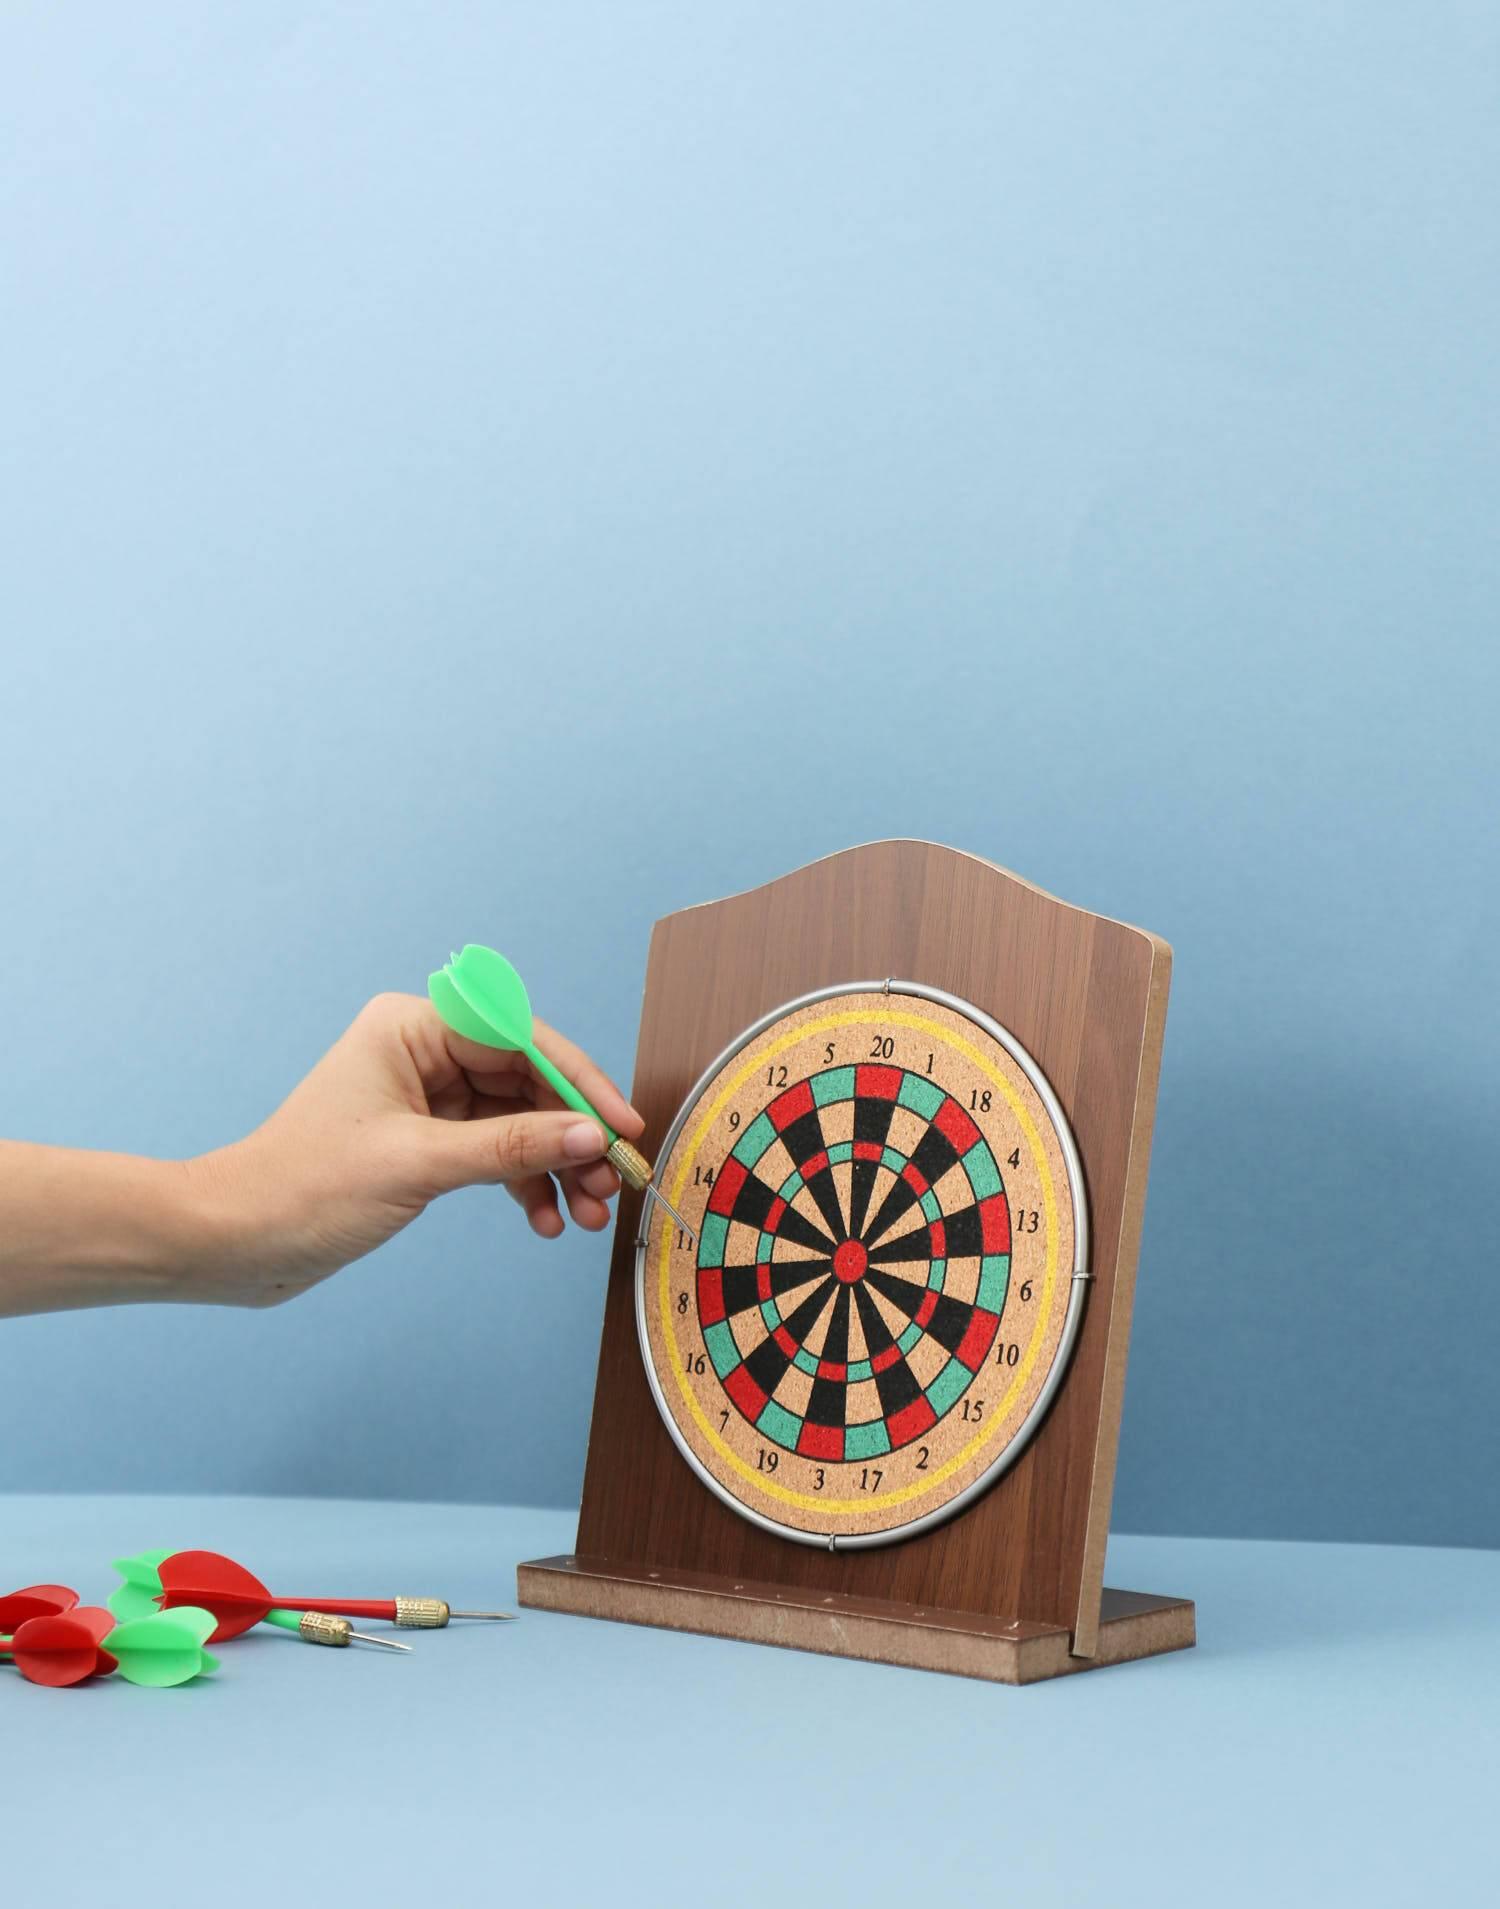 Dartspiel aus holz mit 6 dartpfeilen